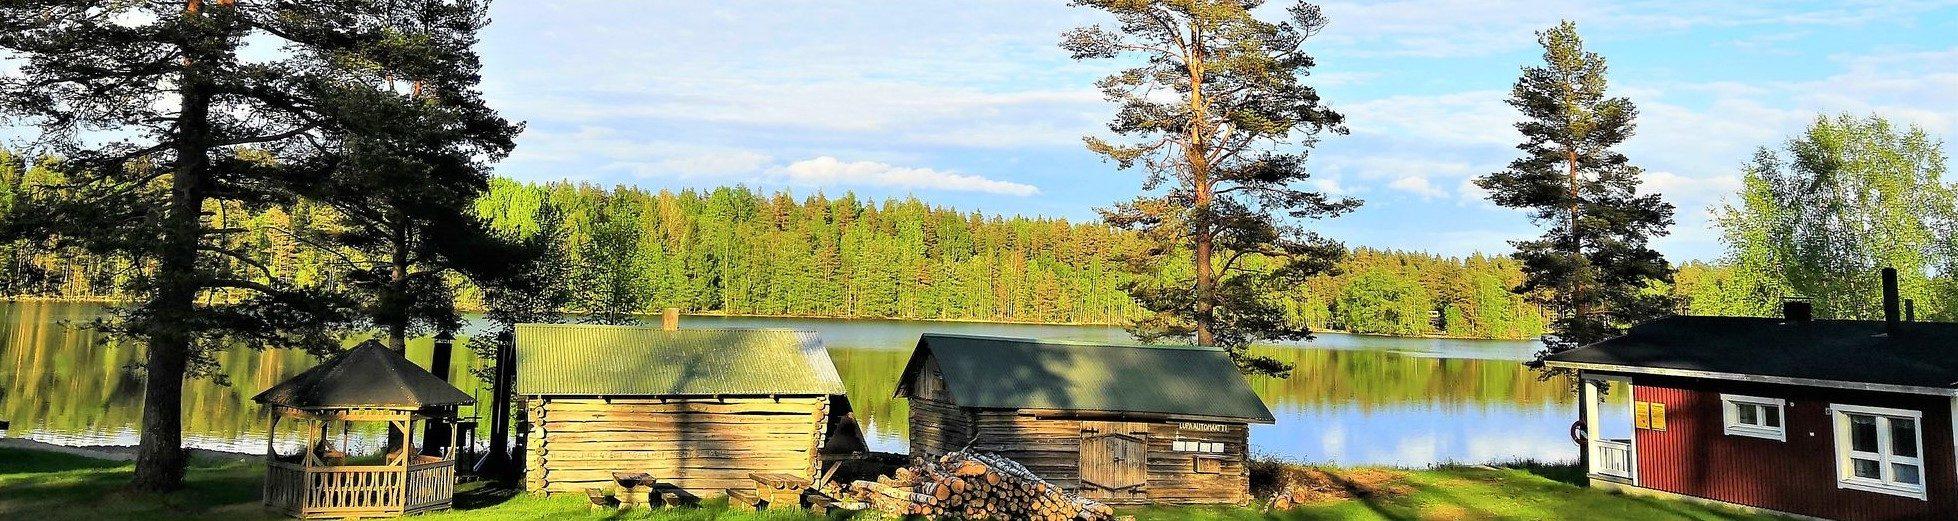 Kangasjärven leirintäalue Isojoki